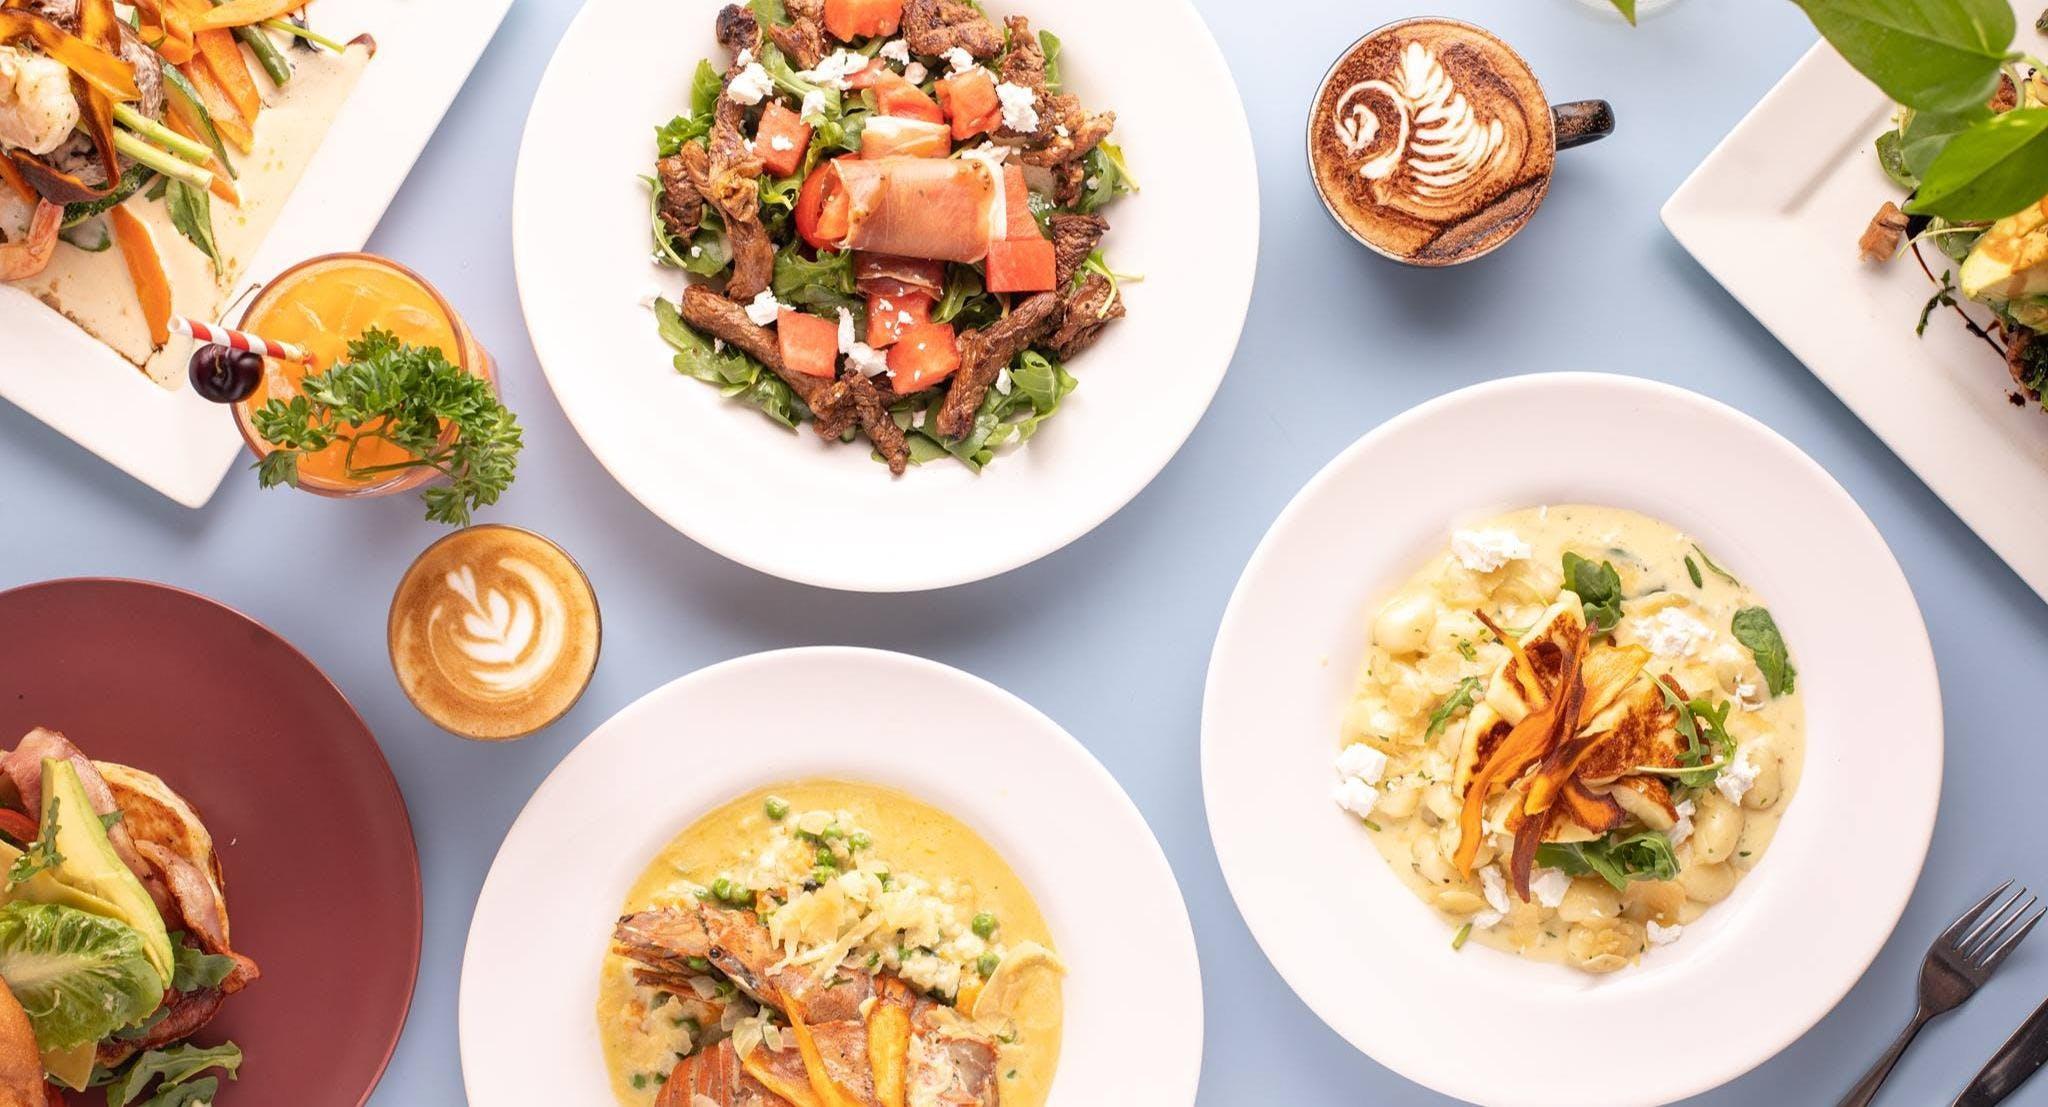 Photo of restaurant Tutto Caffe Espresso Bar in Ashgrove, Brisbane